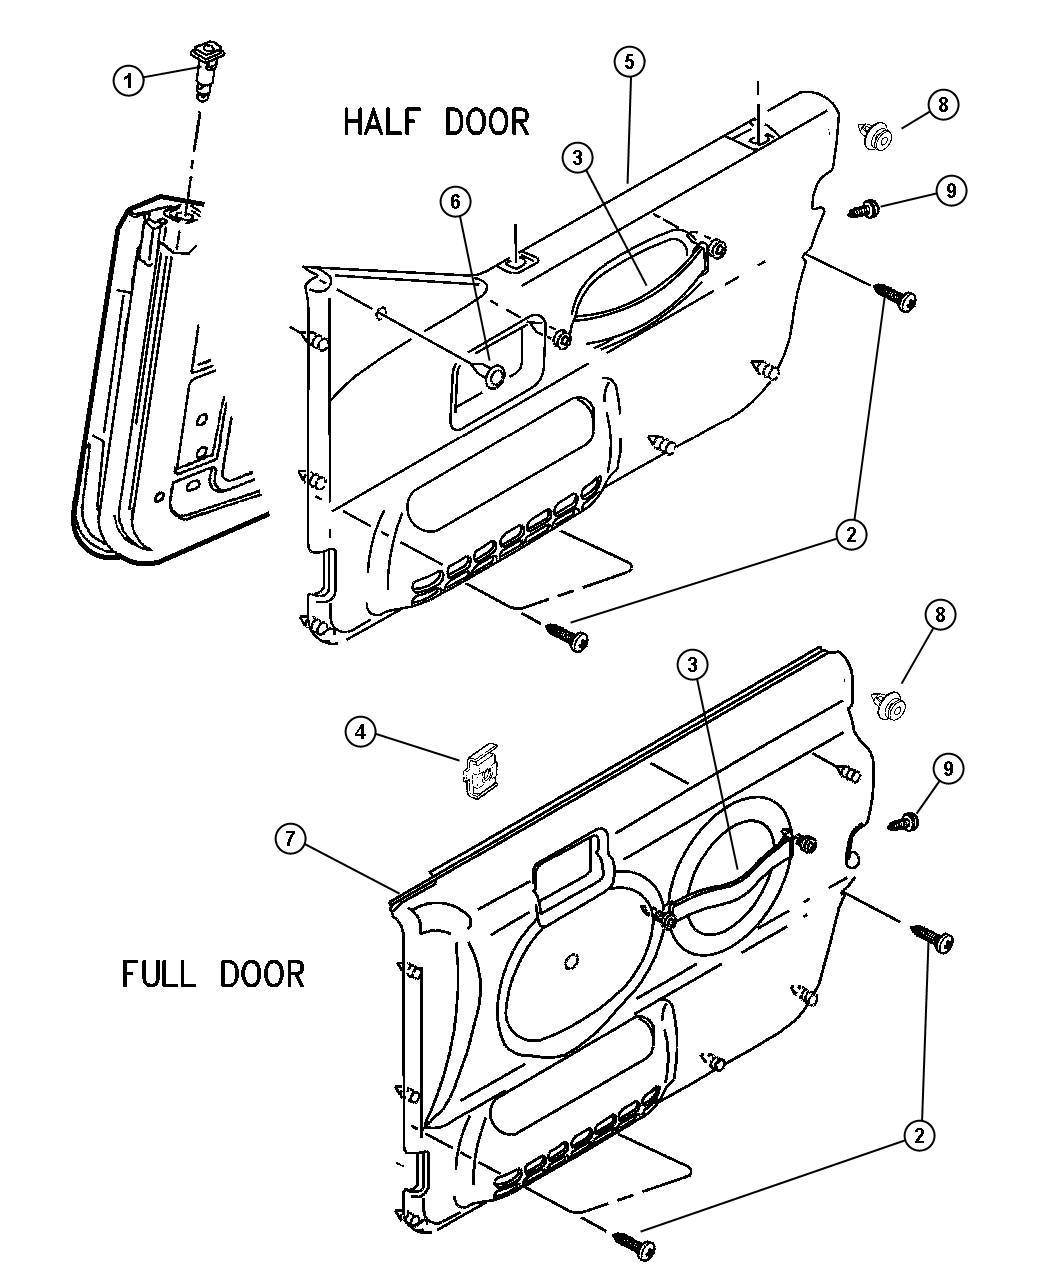 interior door panel 2008 chevy avalanche parts sketch